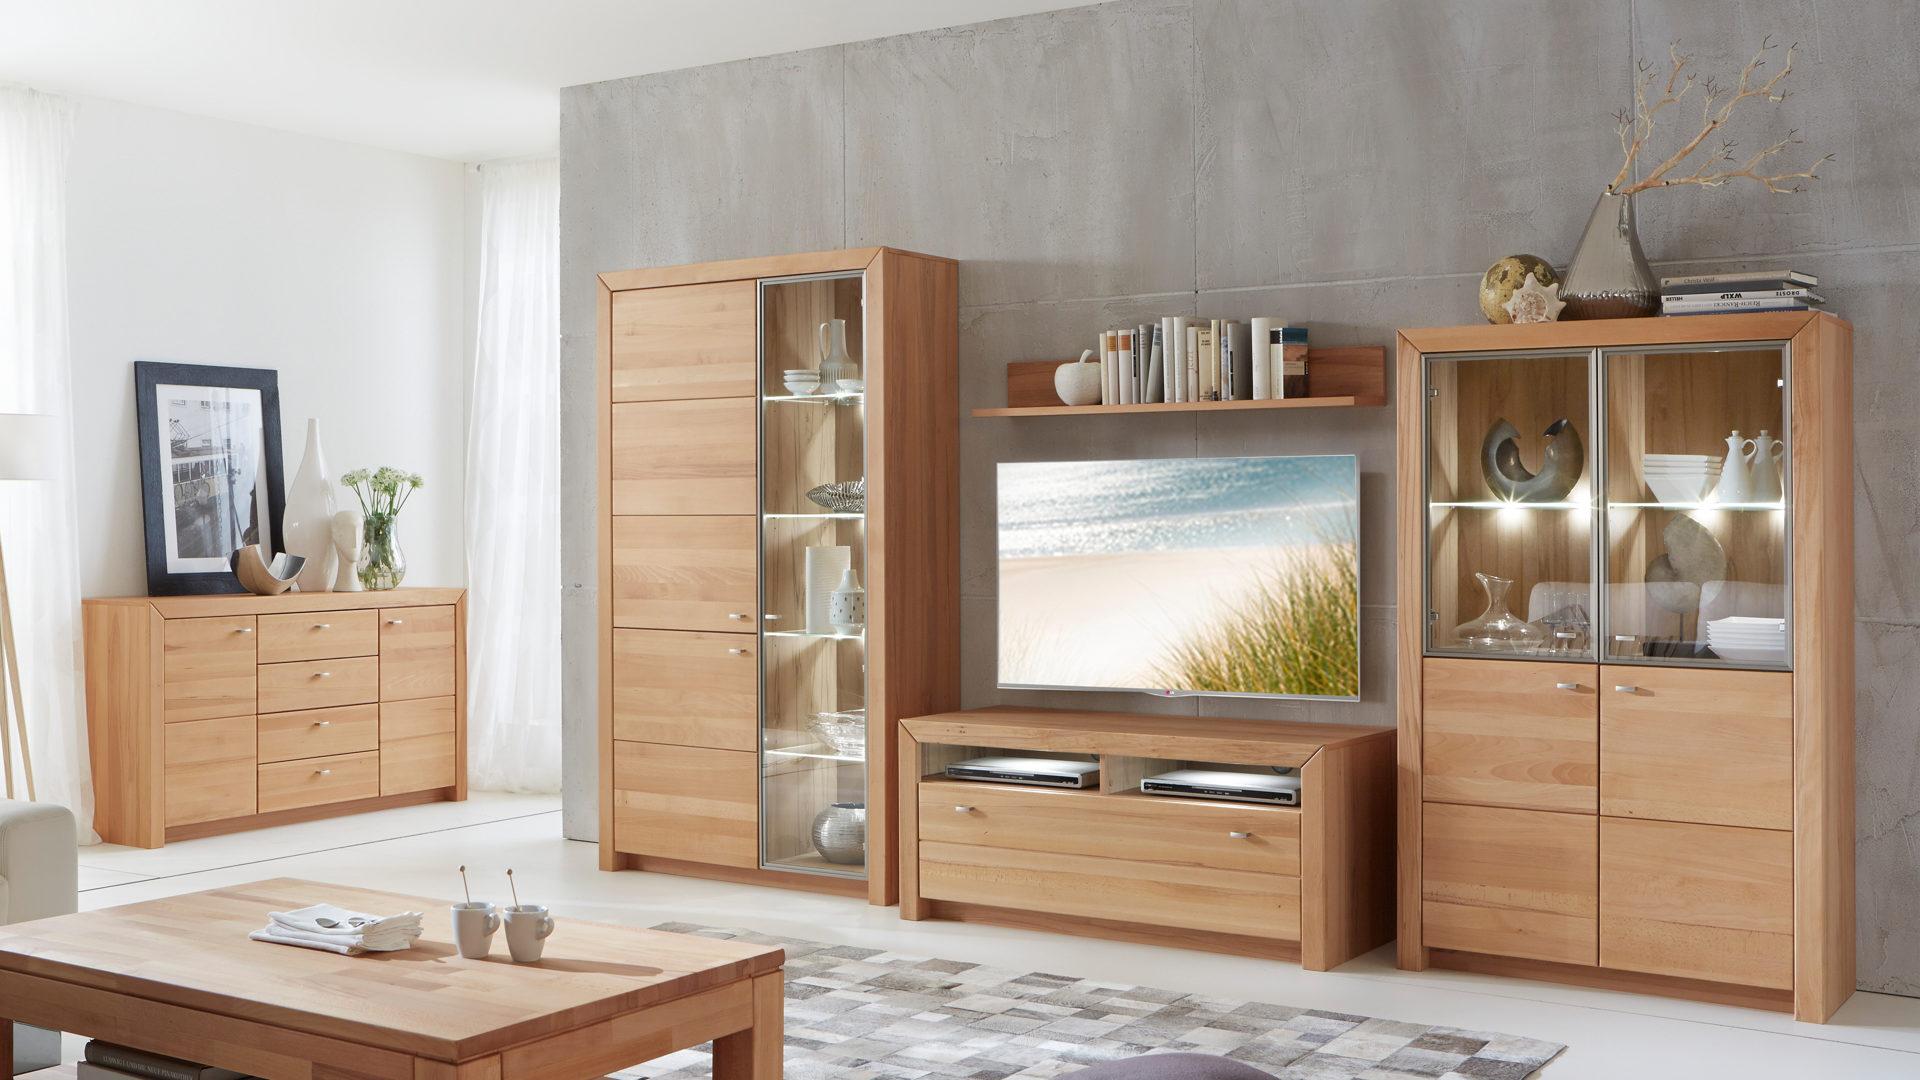 Wohnwandkombination Mit Vitrine Und Tv Möbel Kernbuche Geölte